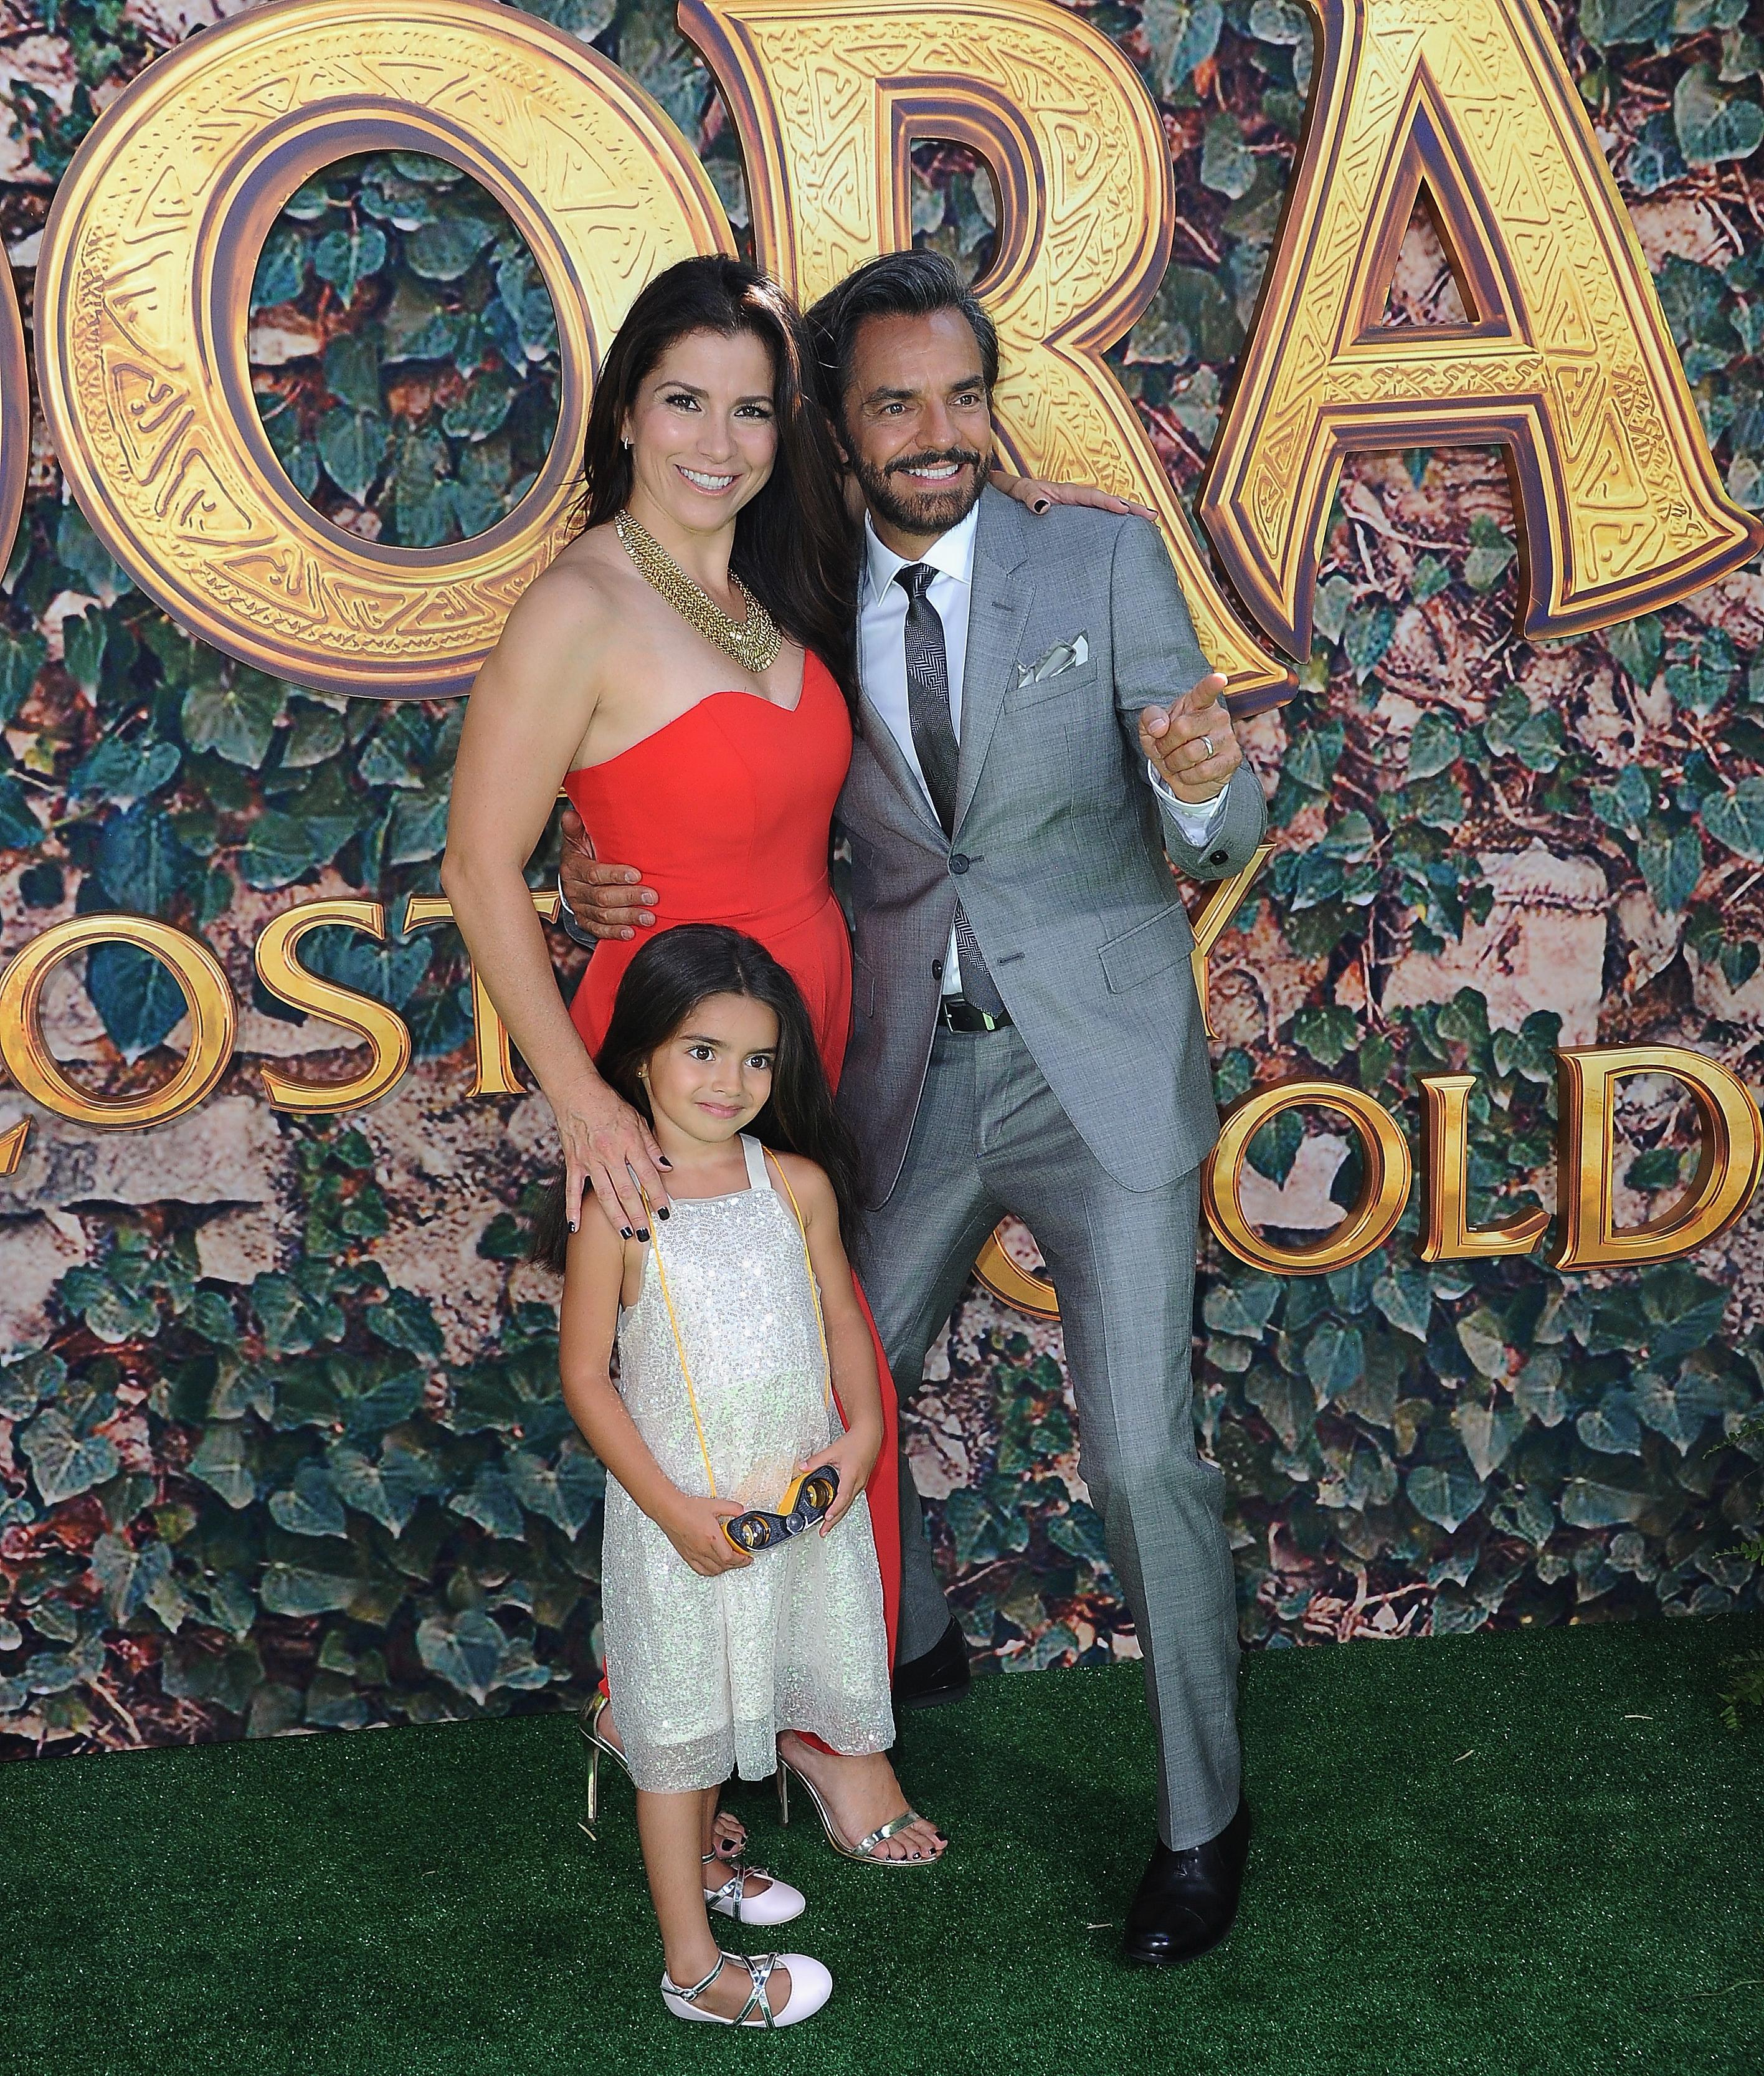 Alessandra Rosaldo y Aitana Derbez y eugenio derbez premiere Dora And The Lost City Of Gold